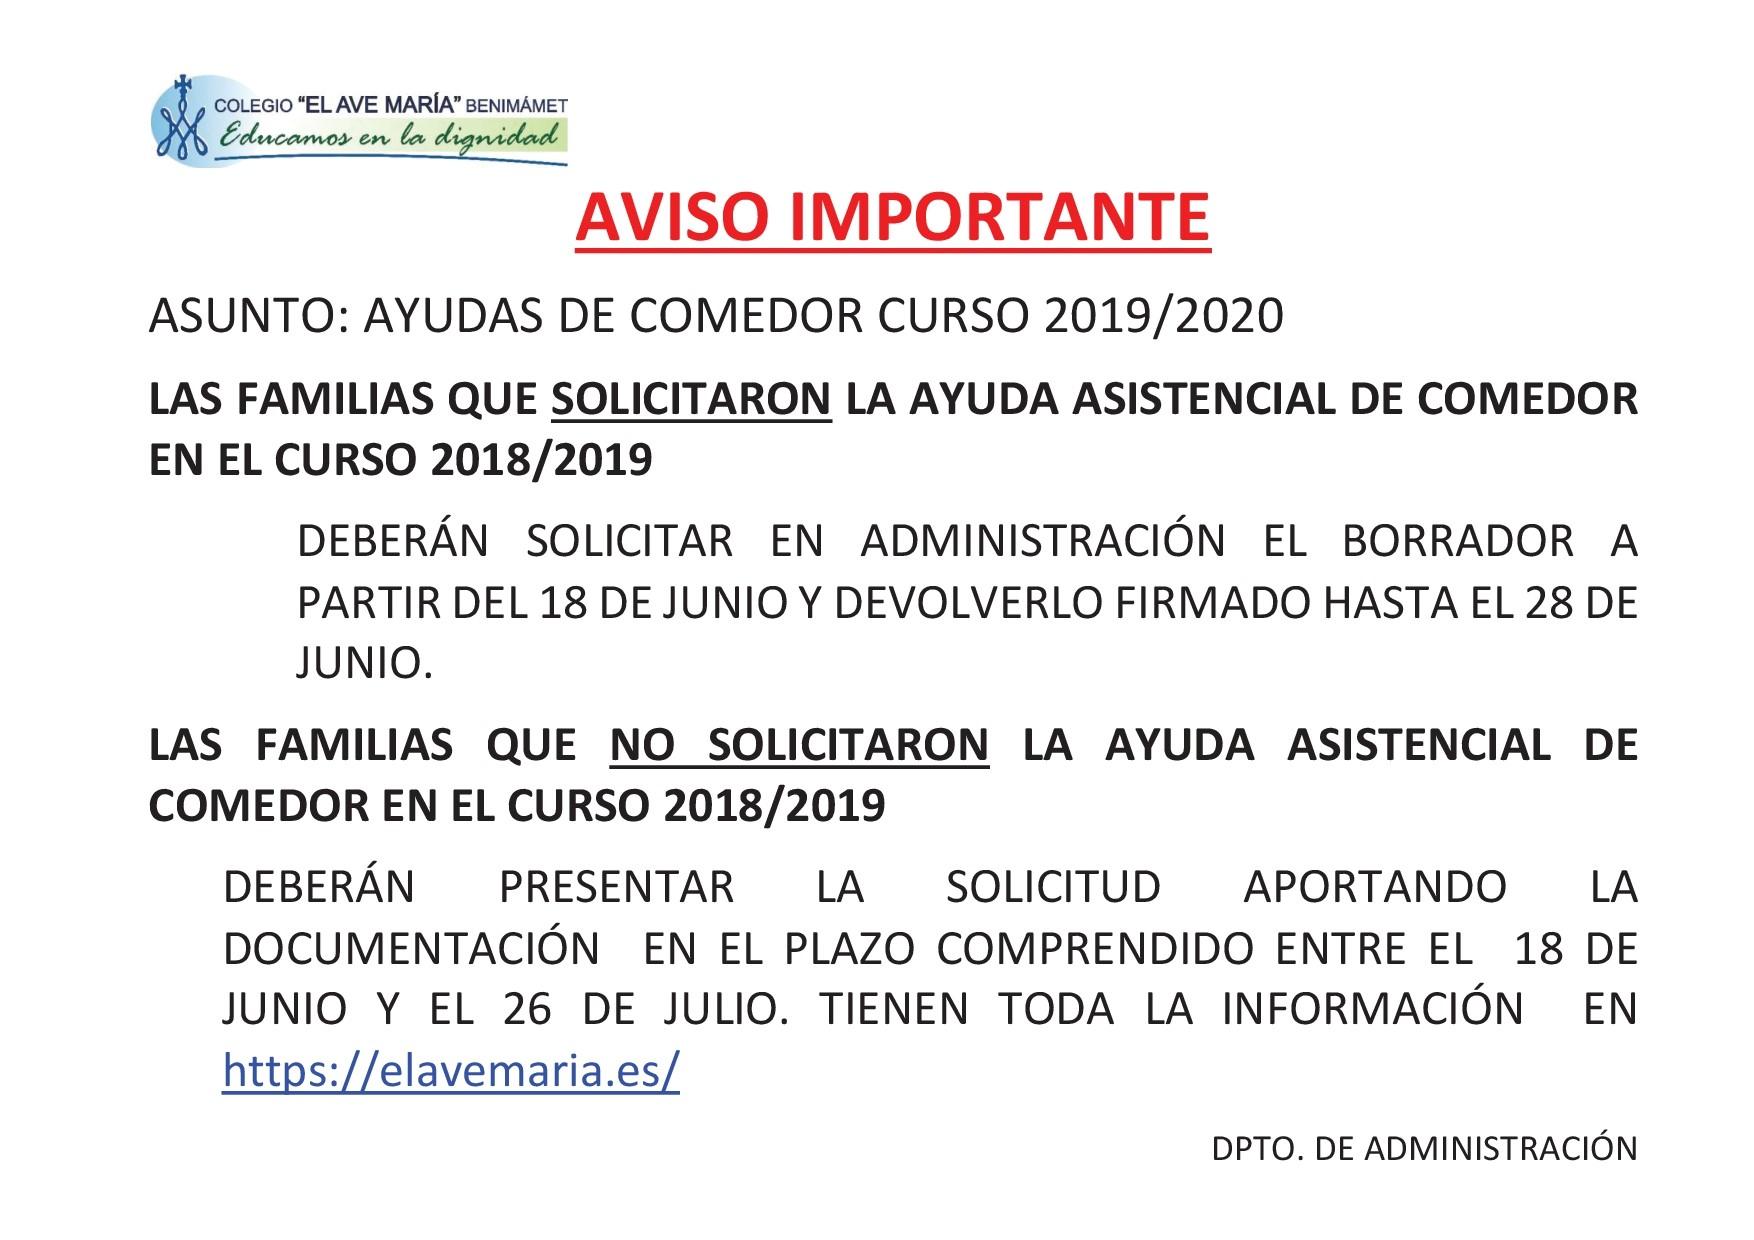 Ayudas de comedor curso 2019-2020 | Colegio El Ave María - Benimámet ...